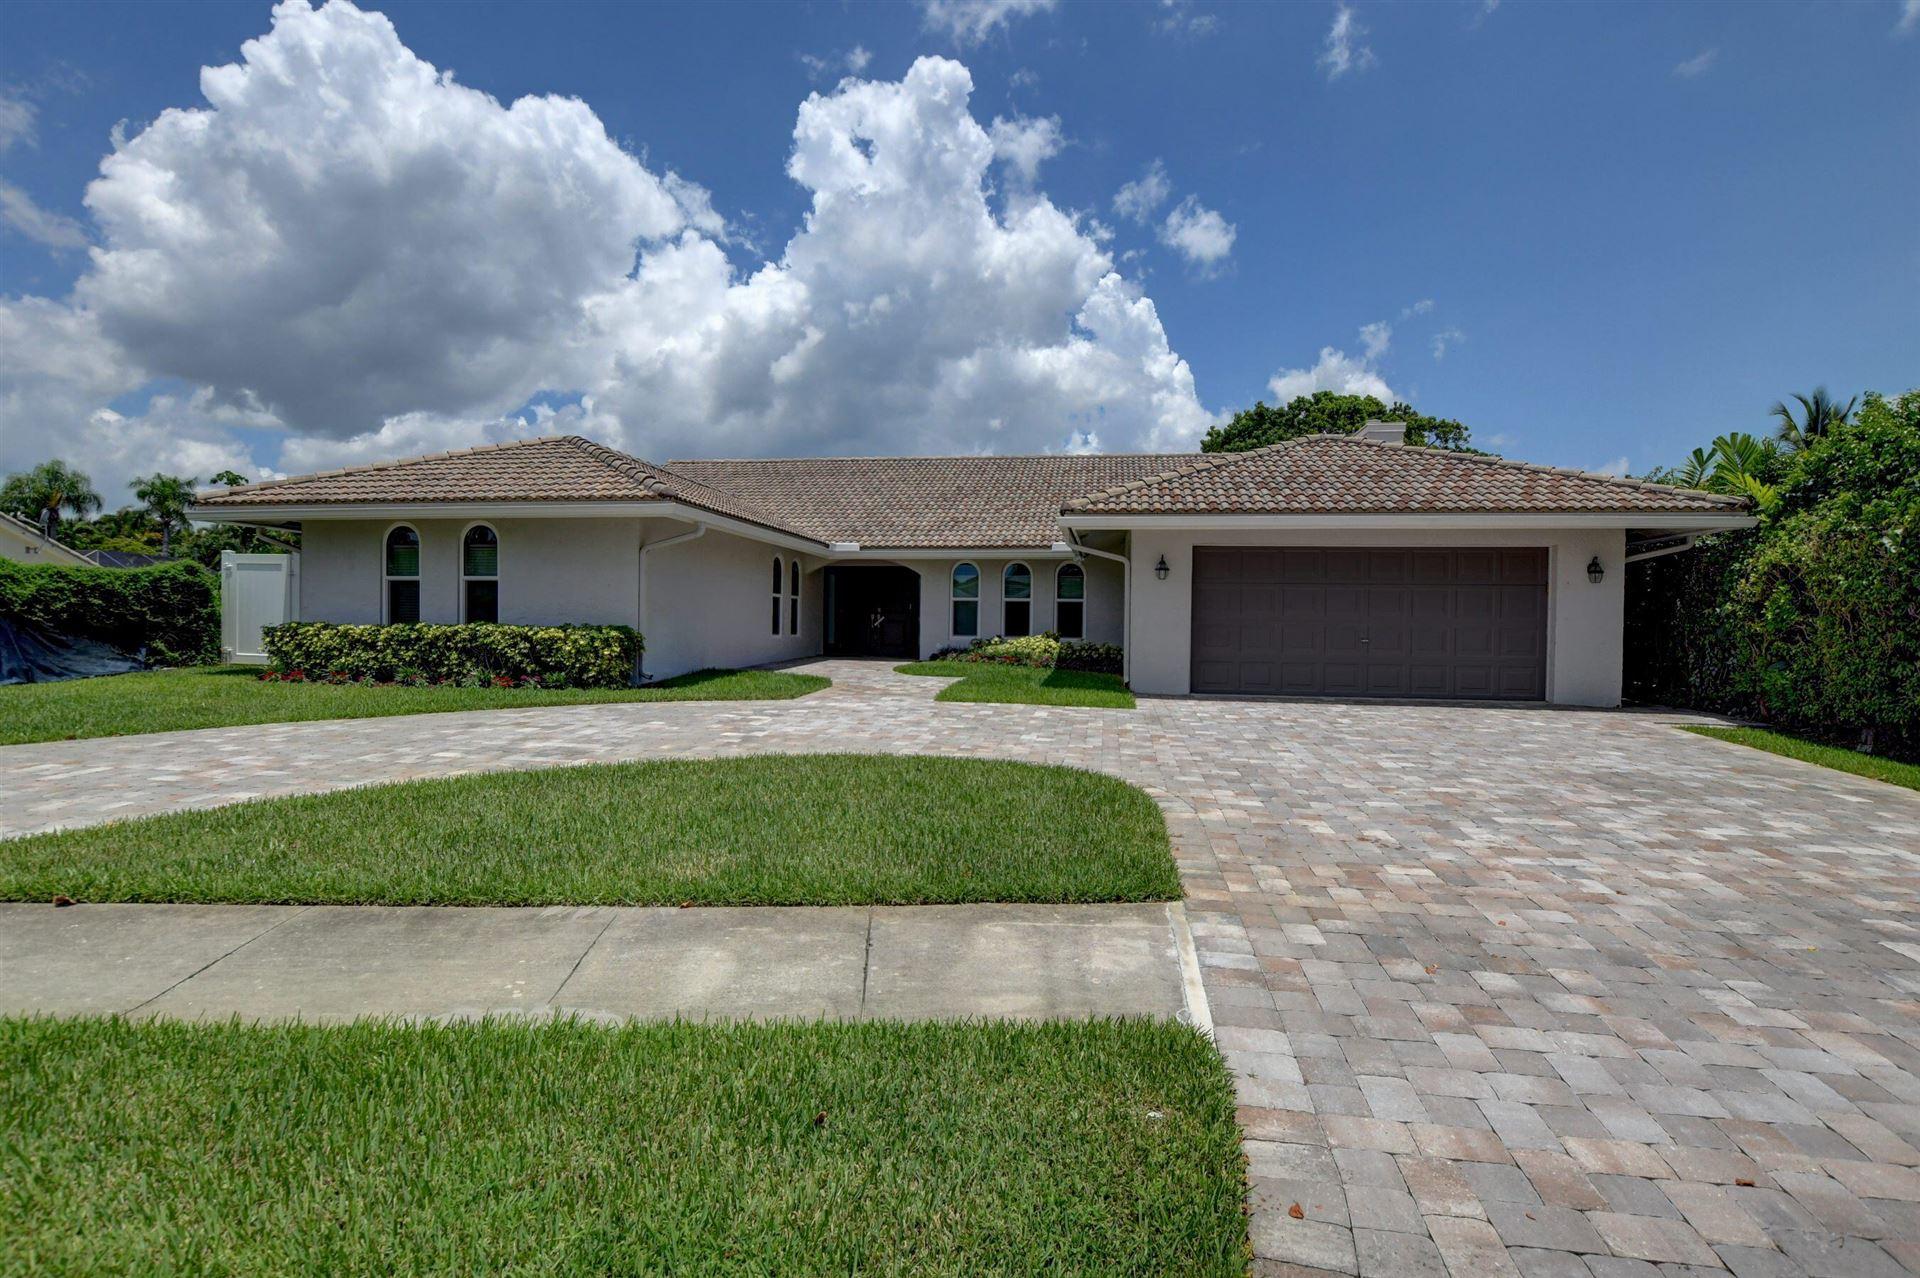 7197 San Salvador Drive, Boca Raton, FL 33433 - #: RX-10735339